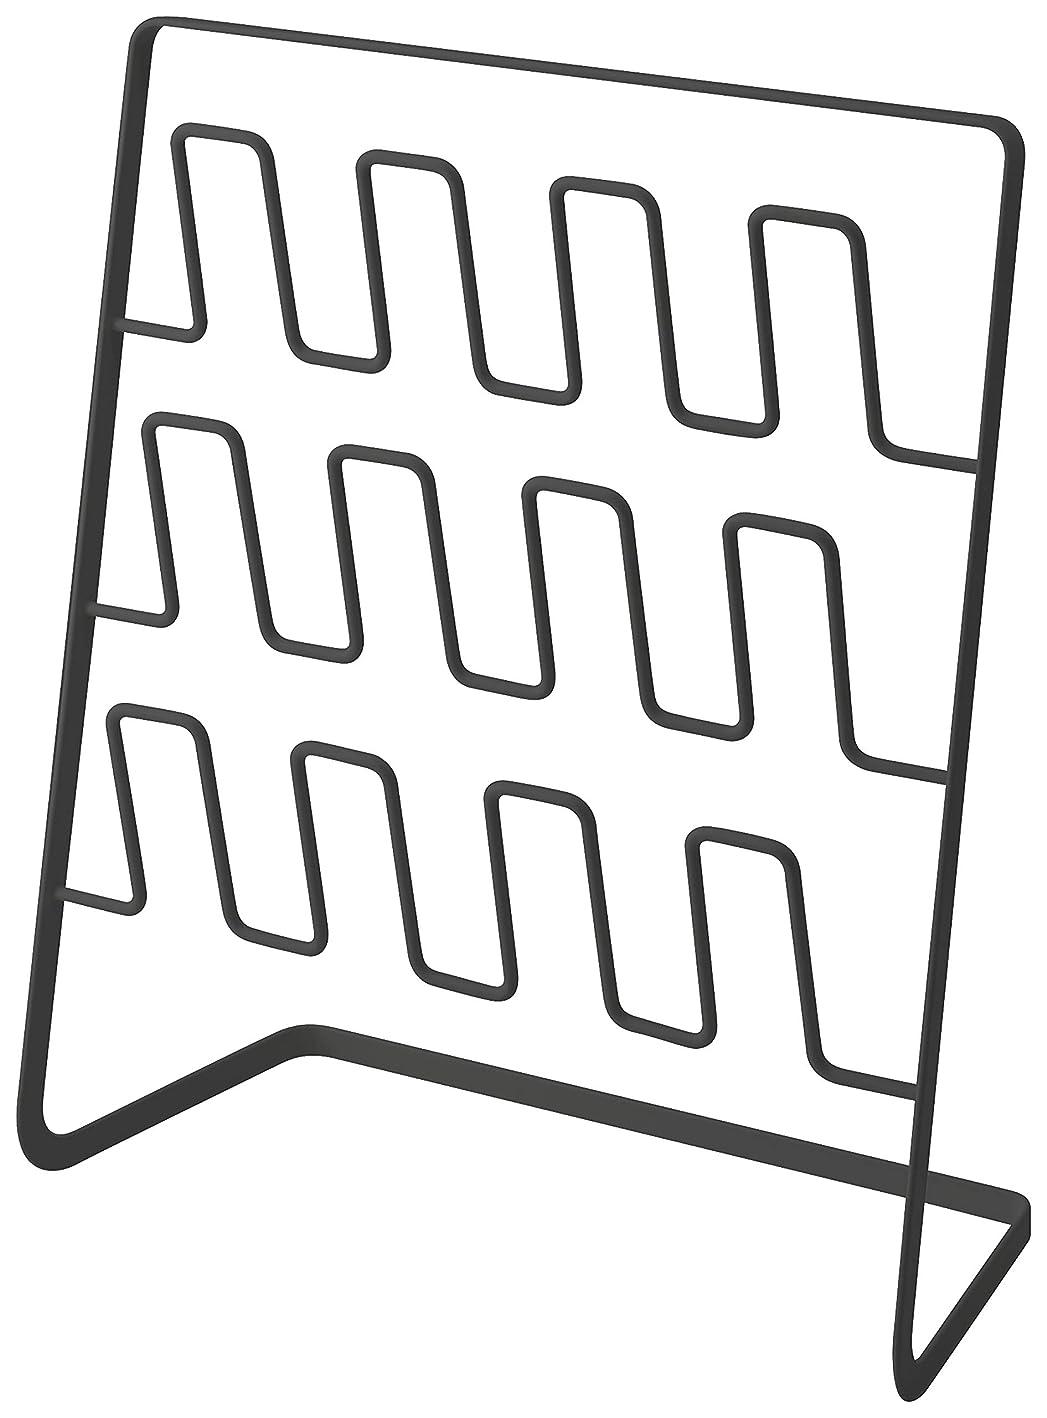 シニス評価可能工業化する山崎実業(Yamazaki) スリッパラック 6足用 ワイド ブラック 約W43XH12.5XD50cm フレーム スリッパ 収納 玄関収納 4705